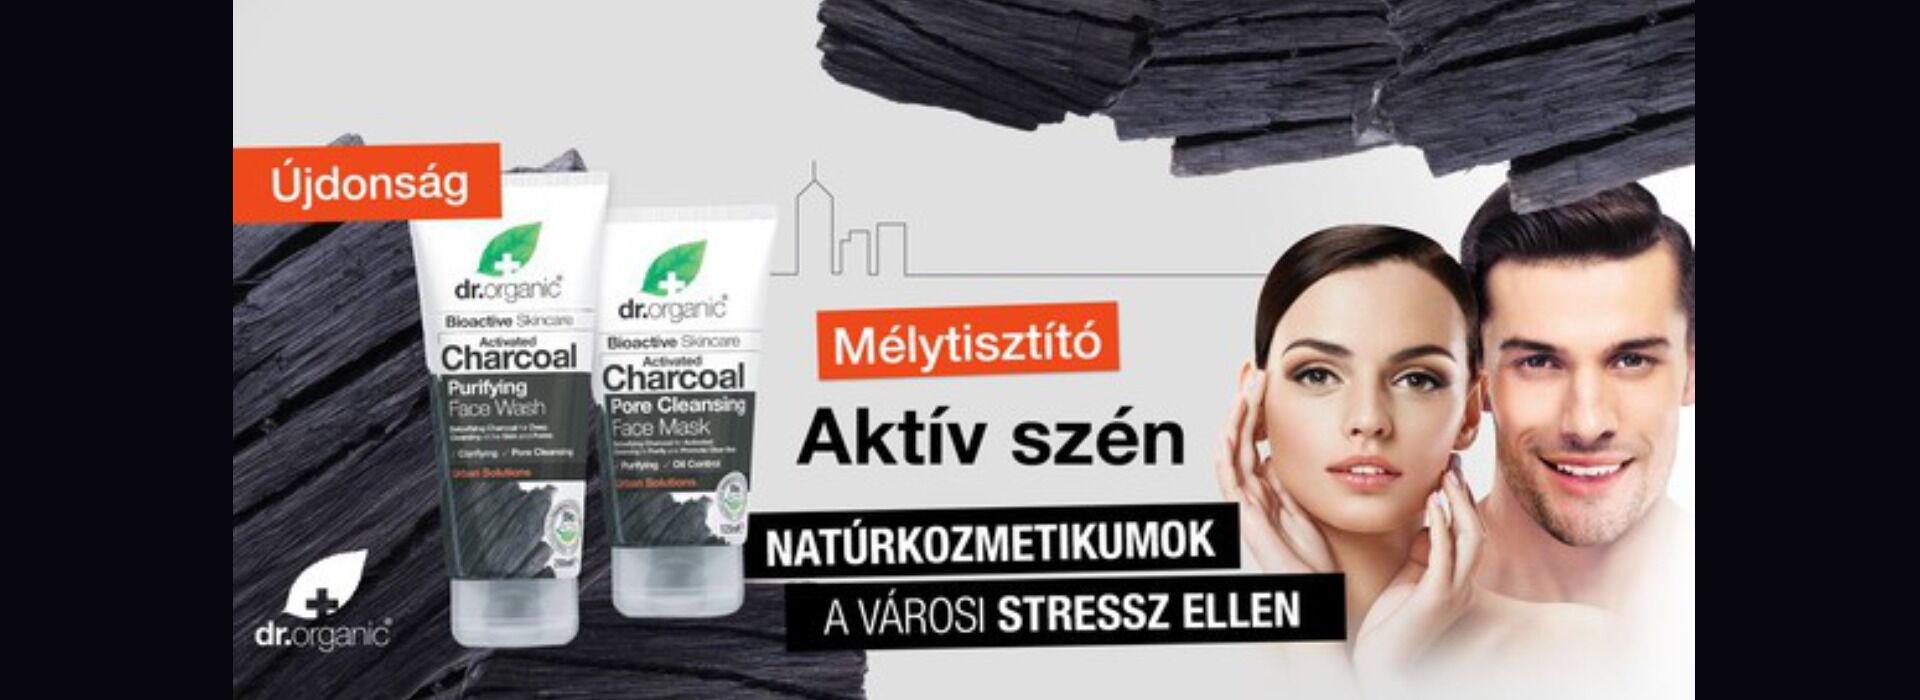 Dr. Organic Aktívszenes kozmetikumok